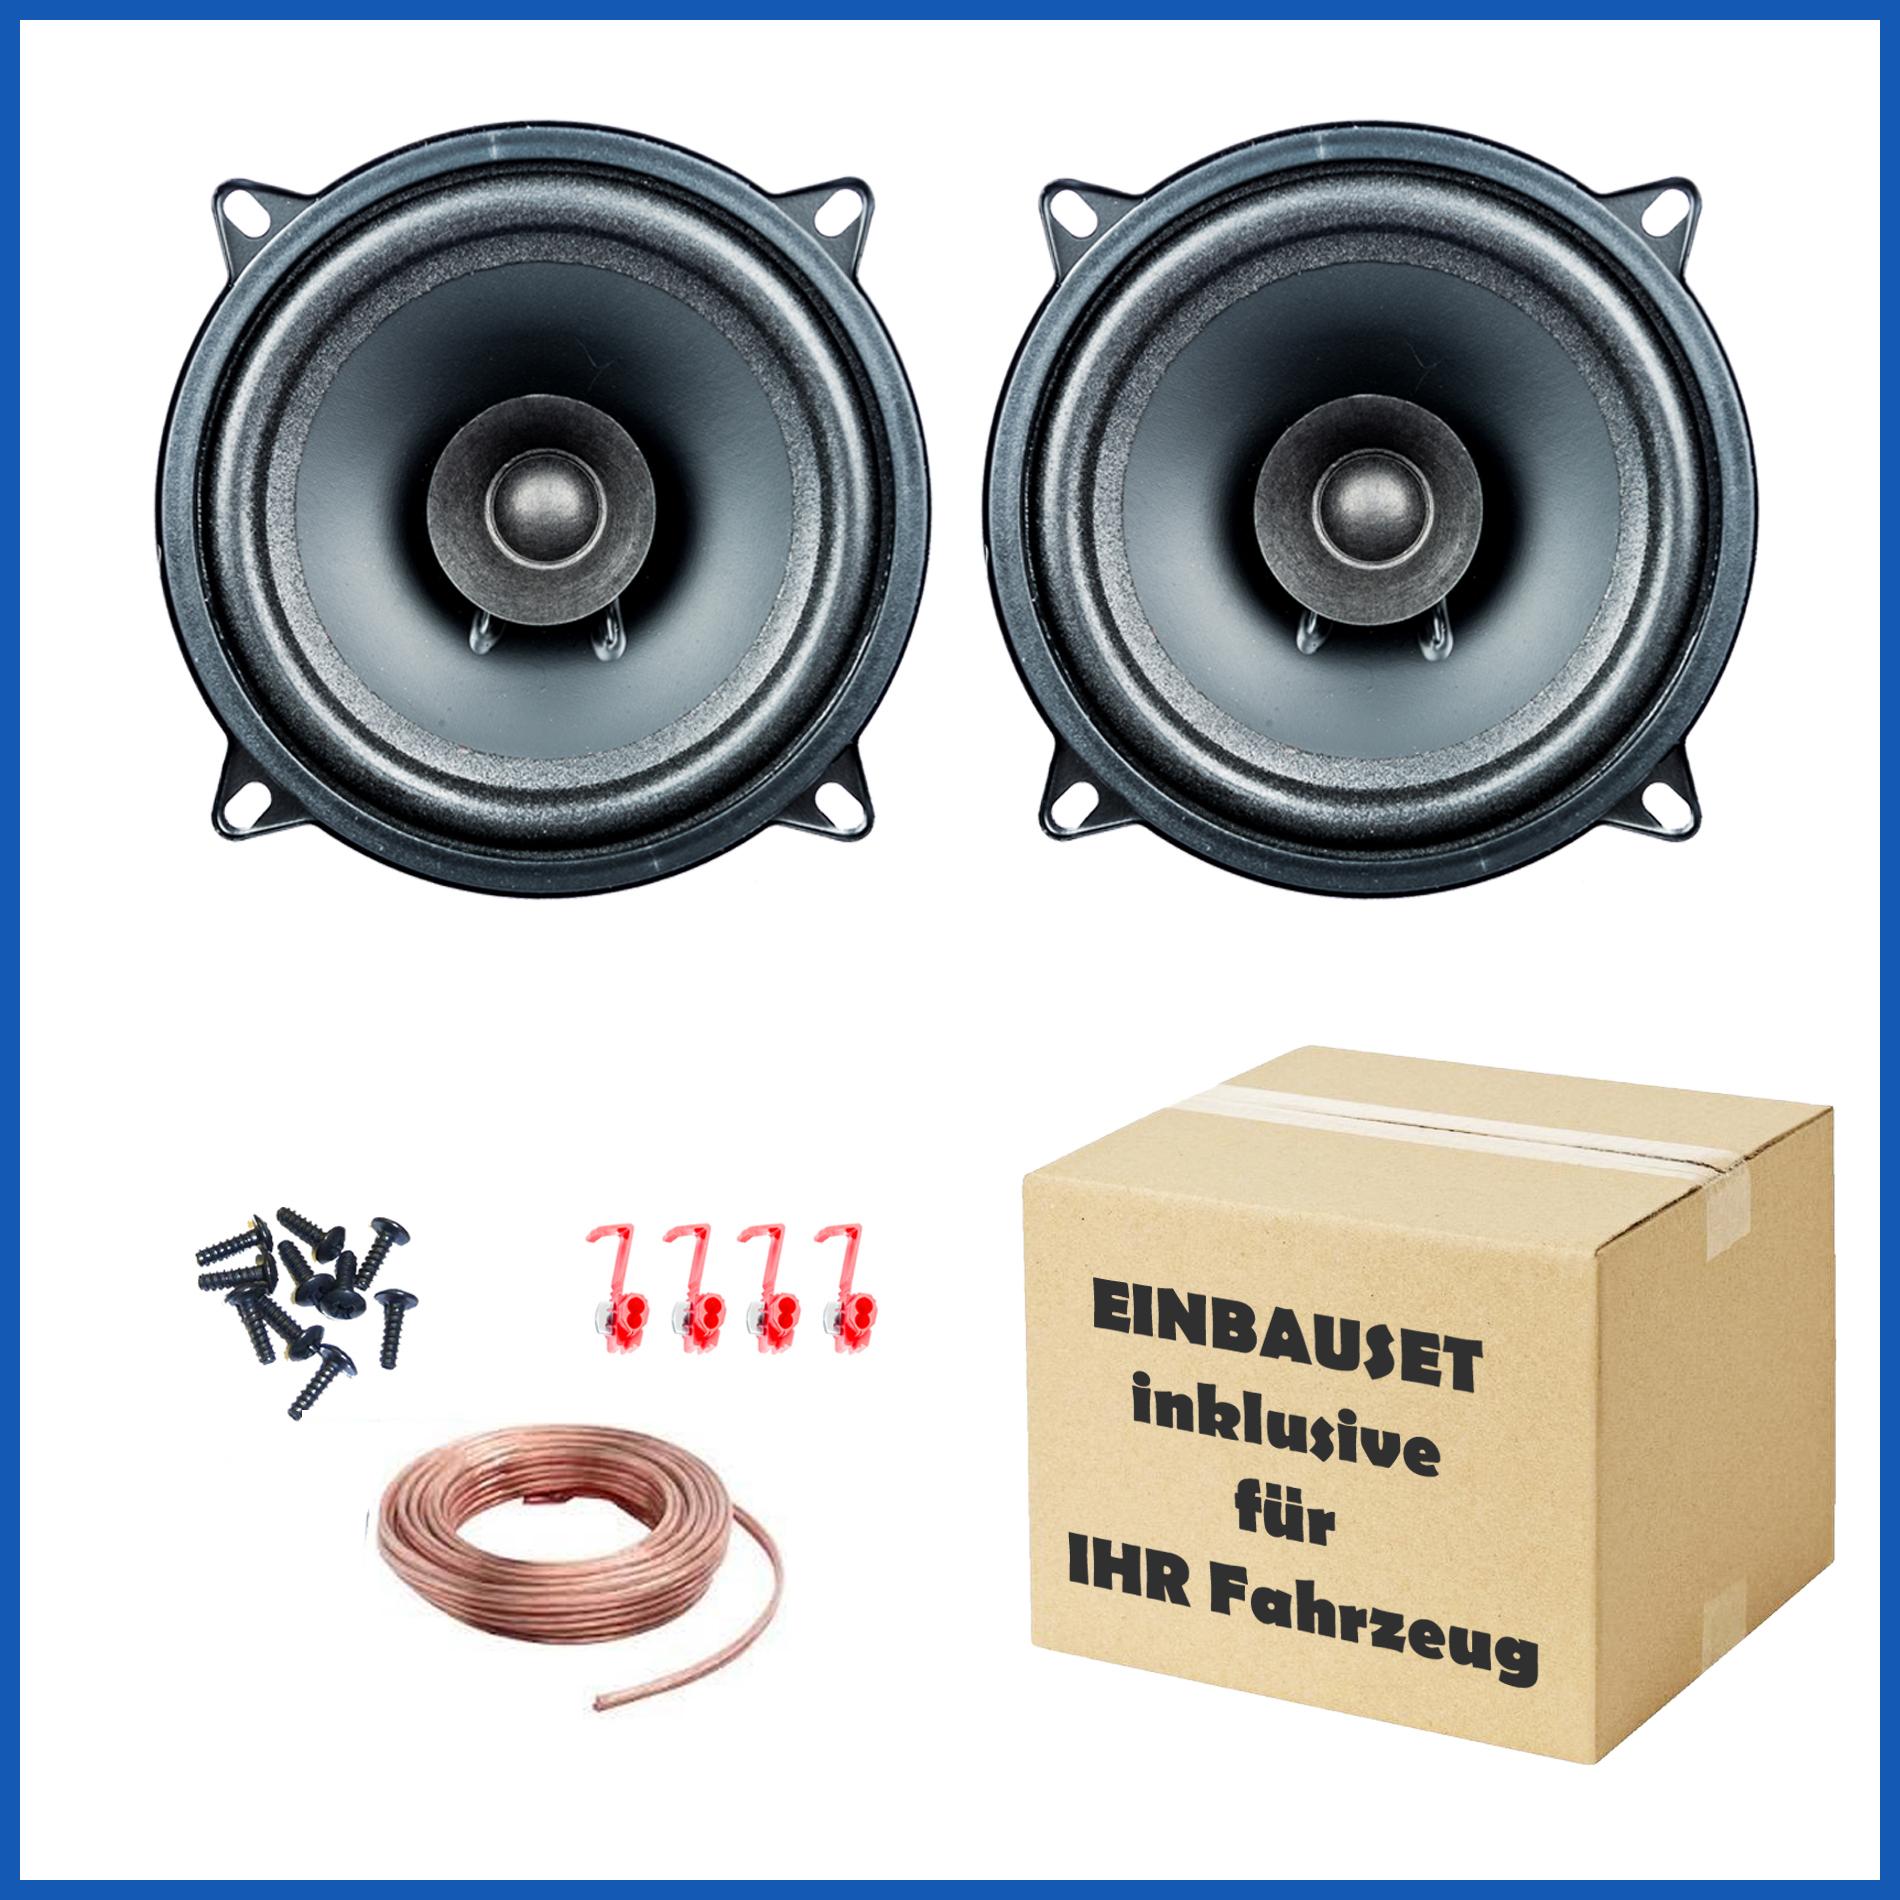 [Paket] 1 Paar PG Audio EVO I 13.2, 13 cm Dual Cone Lautsprecher passend für Audi, BMW, Mercedes & Volvo